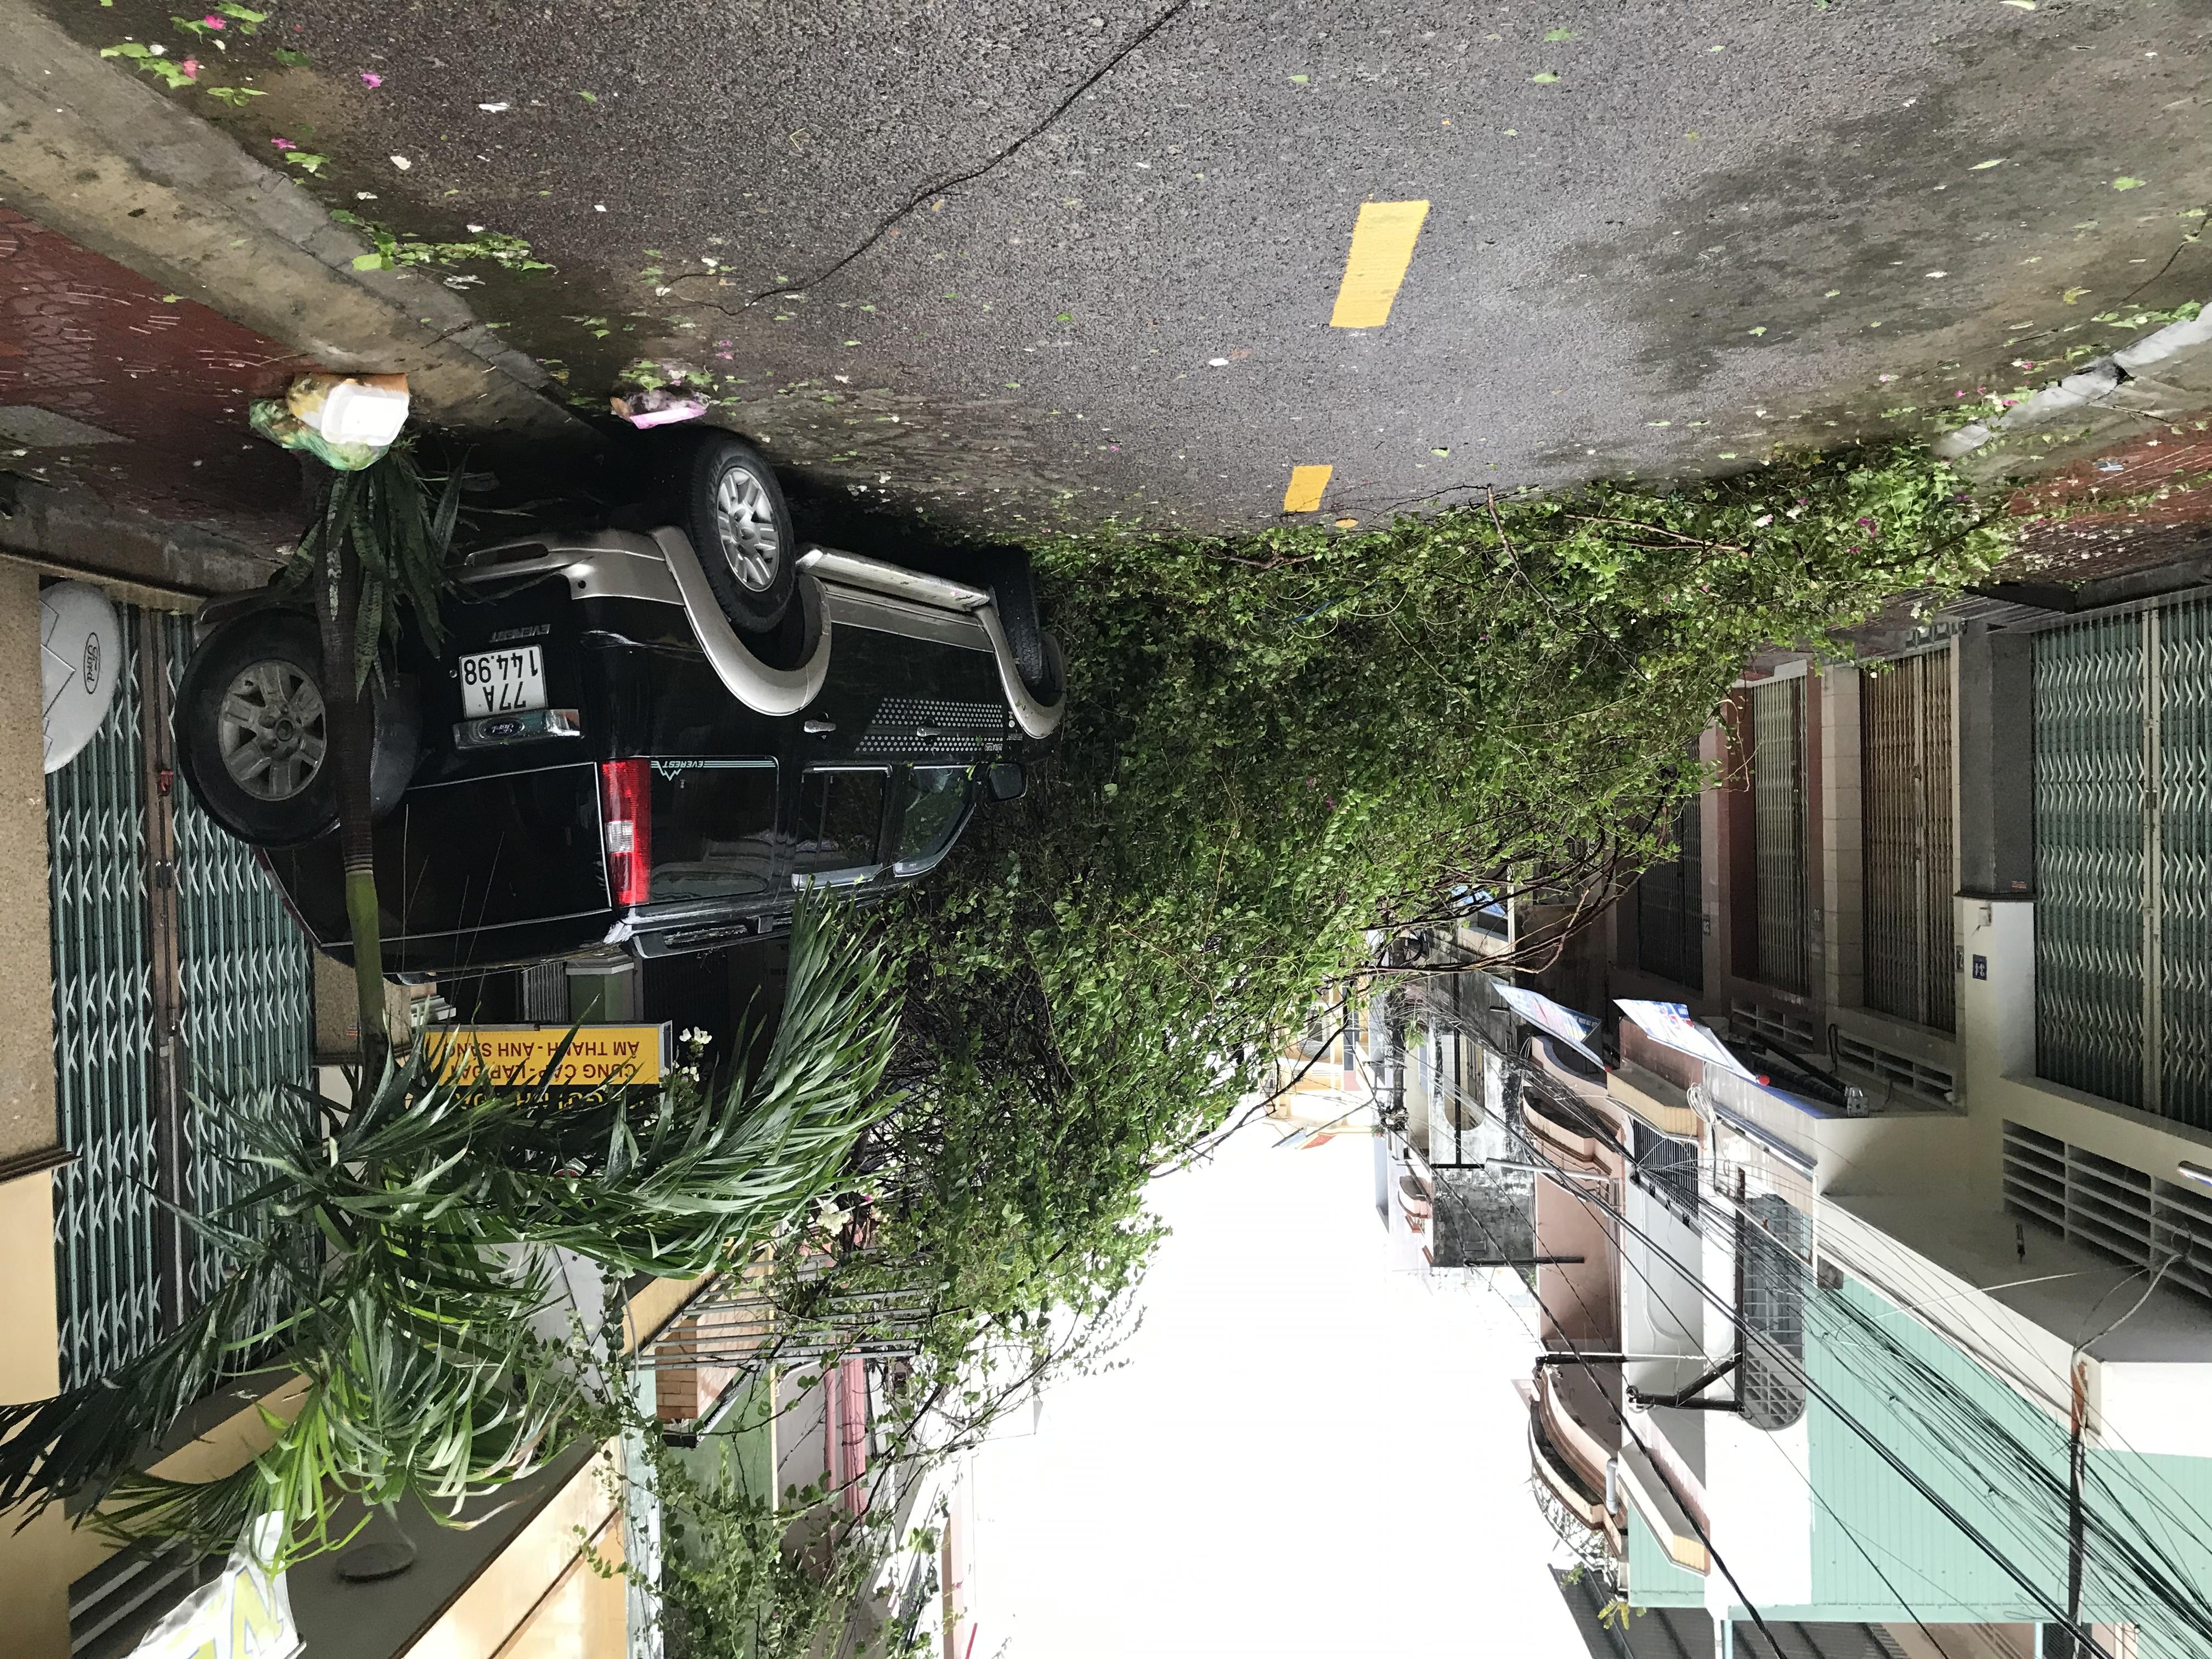 Cây đổ chắn ngang tuyến phố và làm hư hại mtj chiếc xe của người dân tại TP Quy Nhơn.